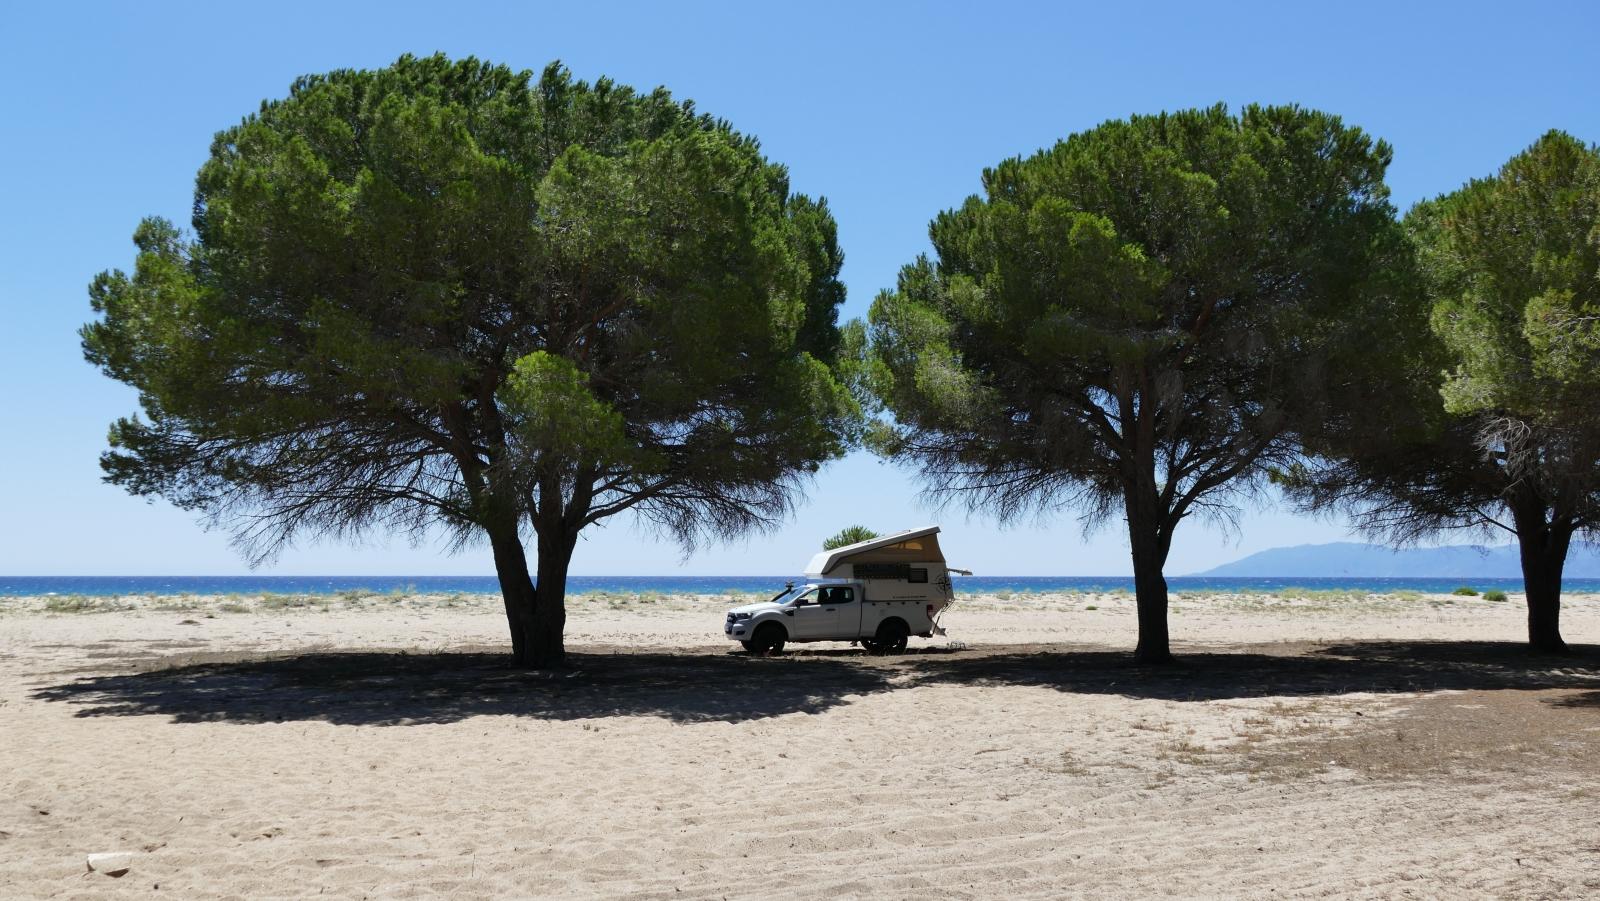 Sardinien, ein Traum.